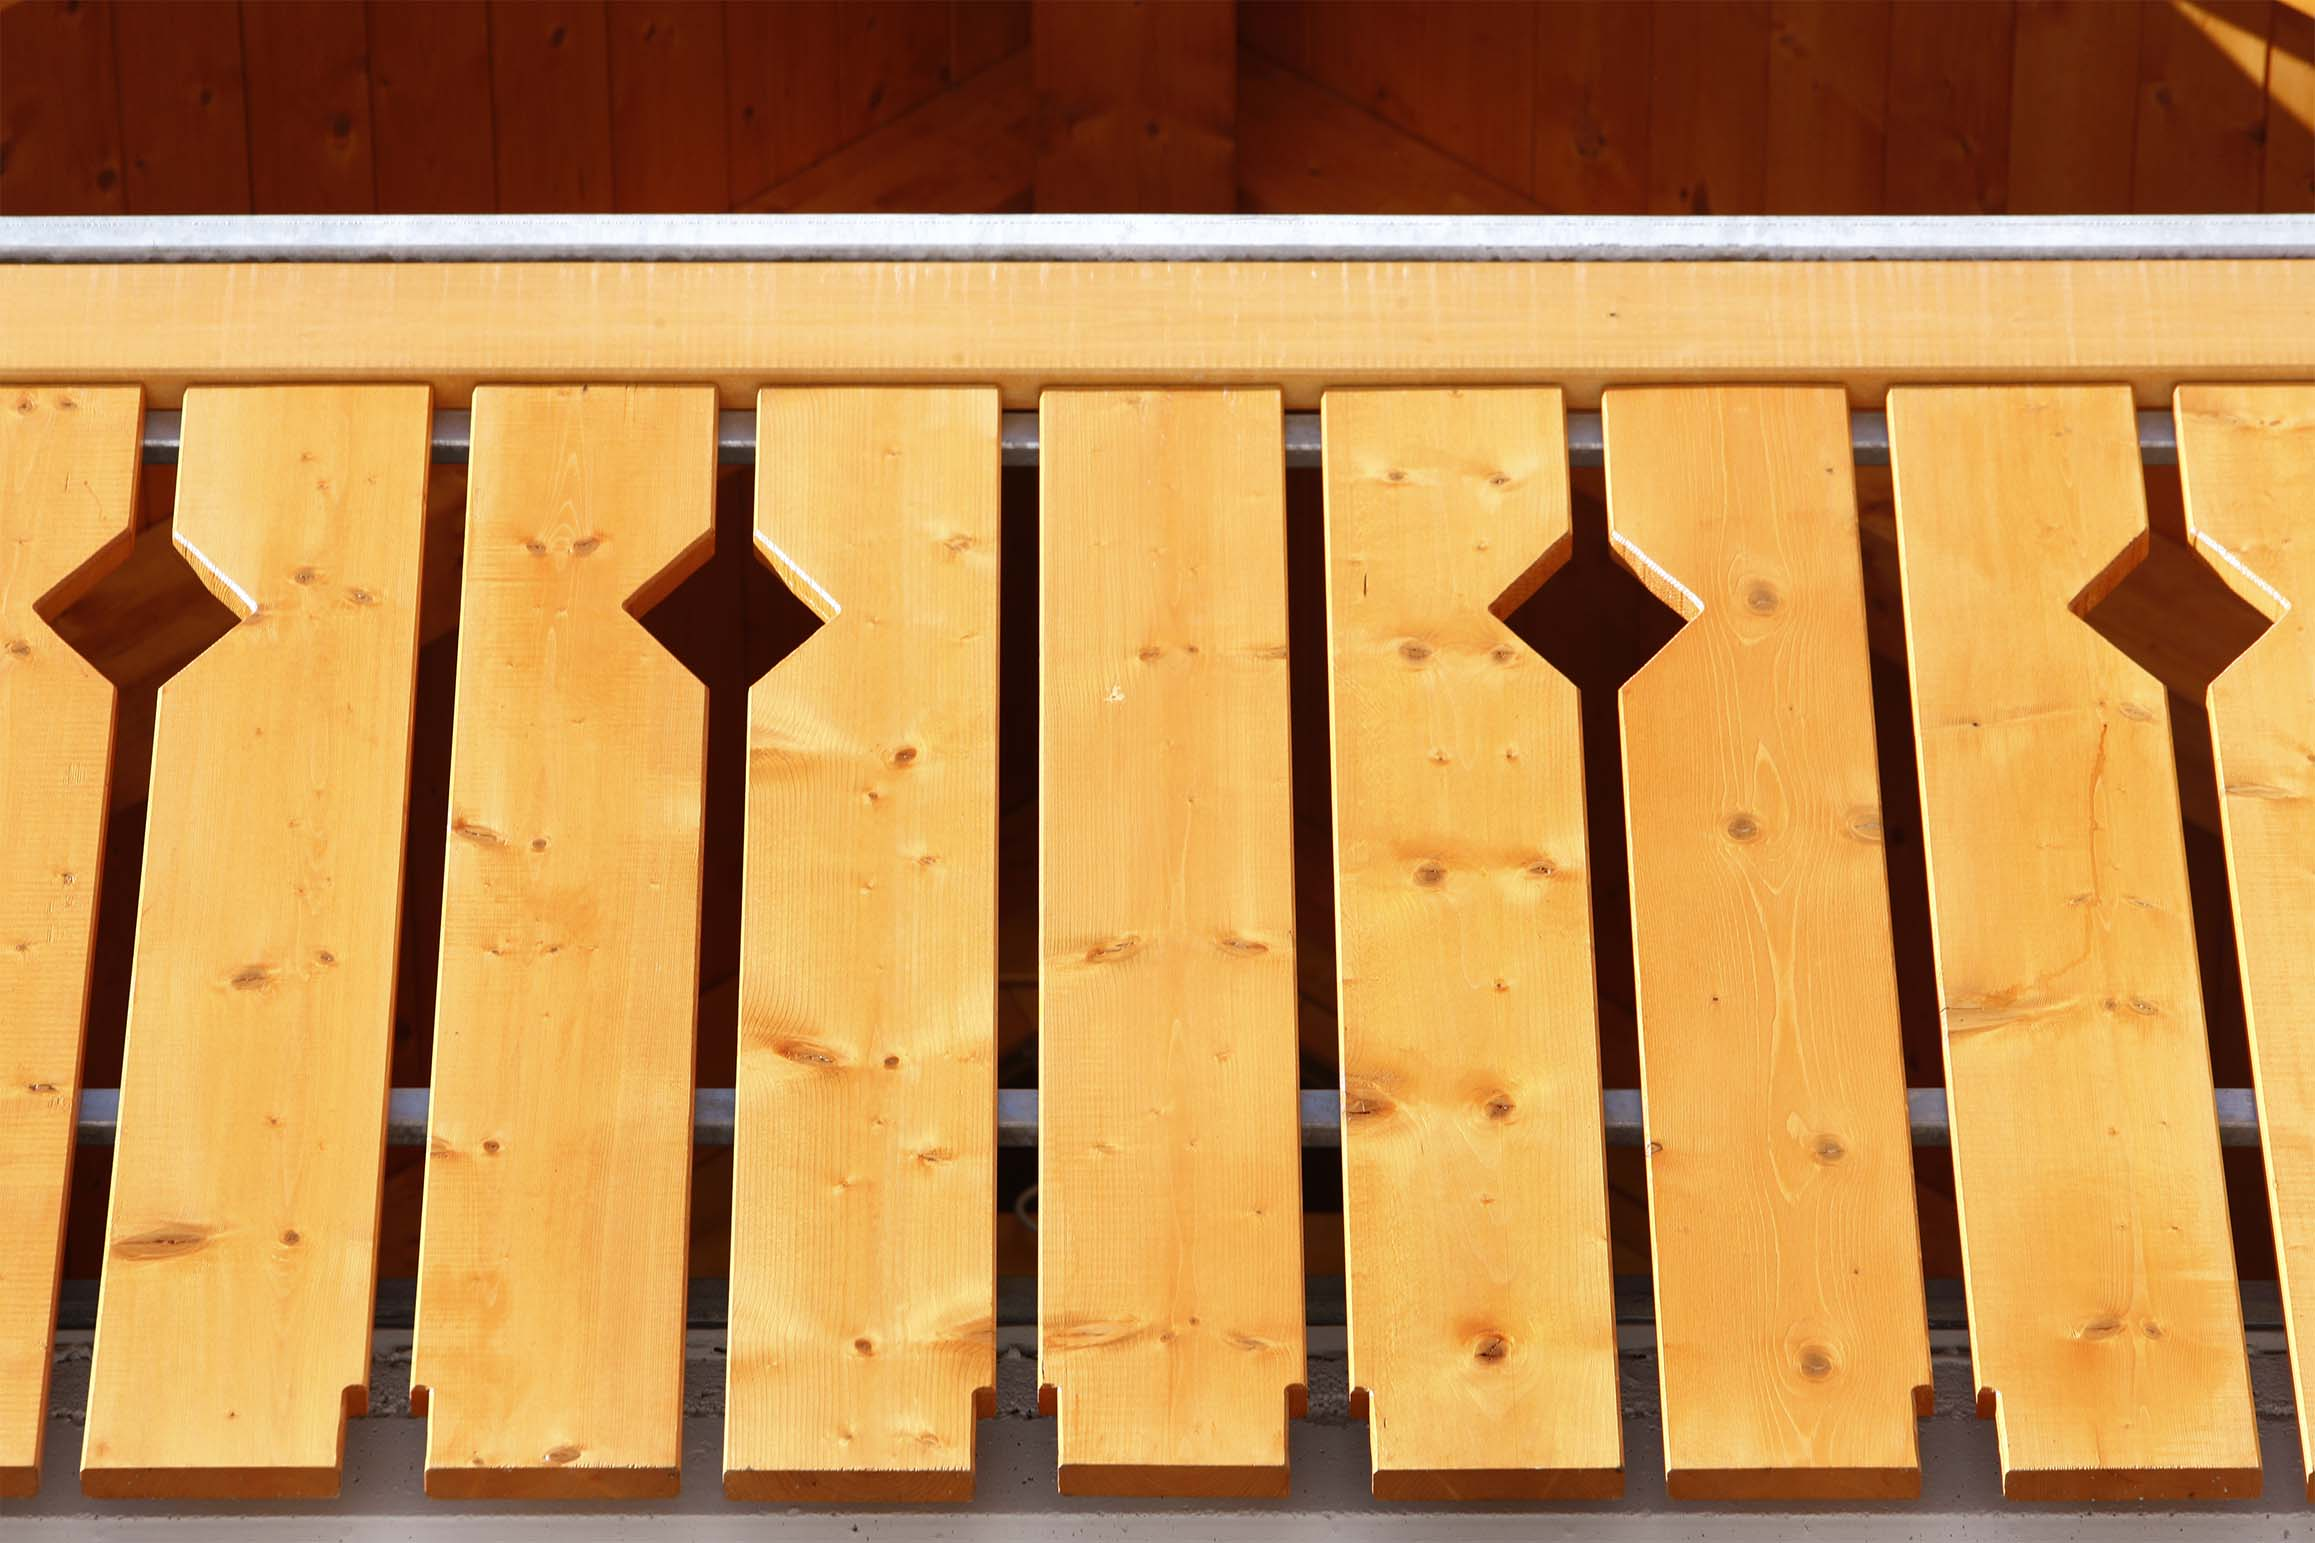 Stecche per balconi in legno di pino impregnato realizzato da Linea Montanalegno - ILT